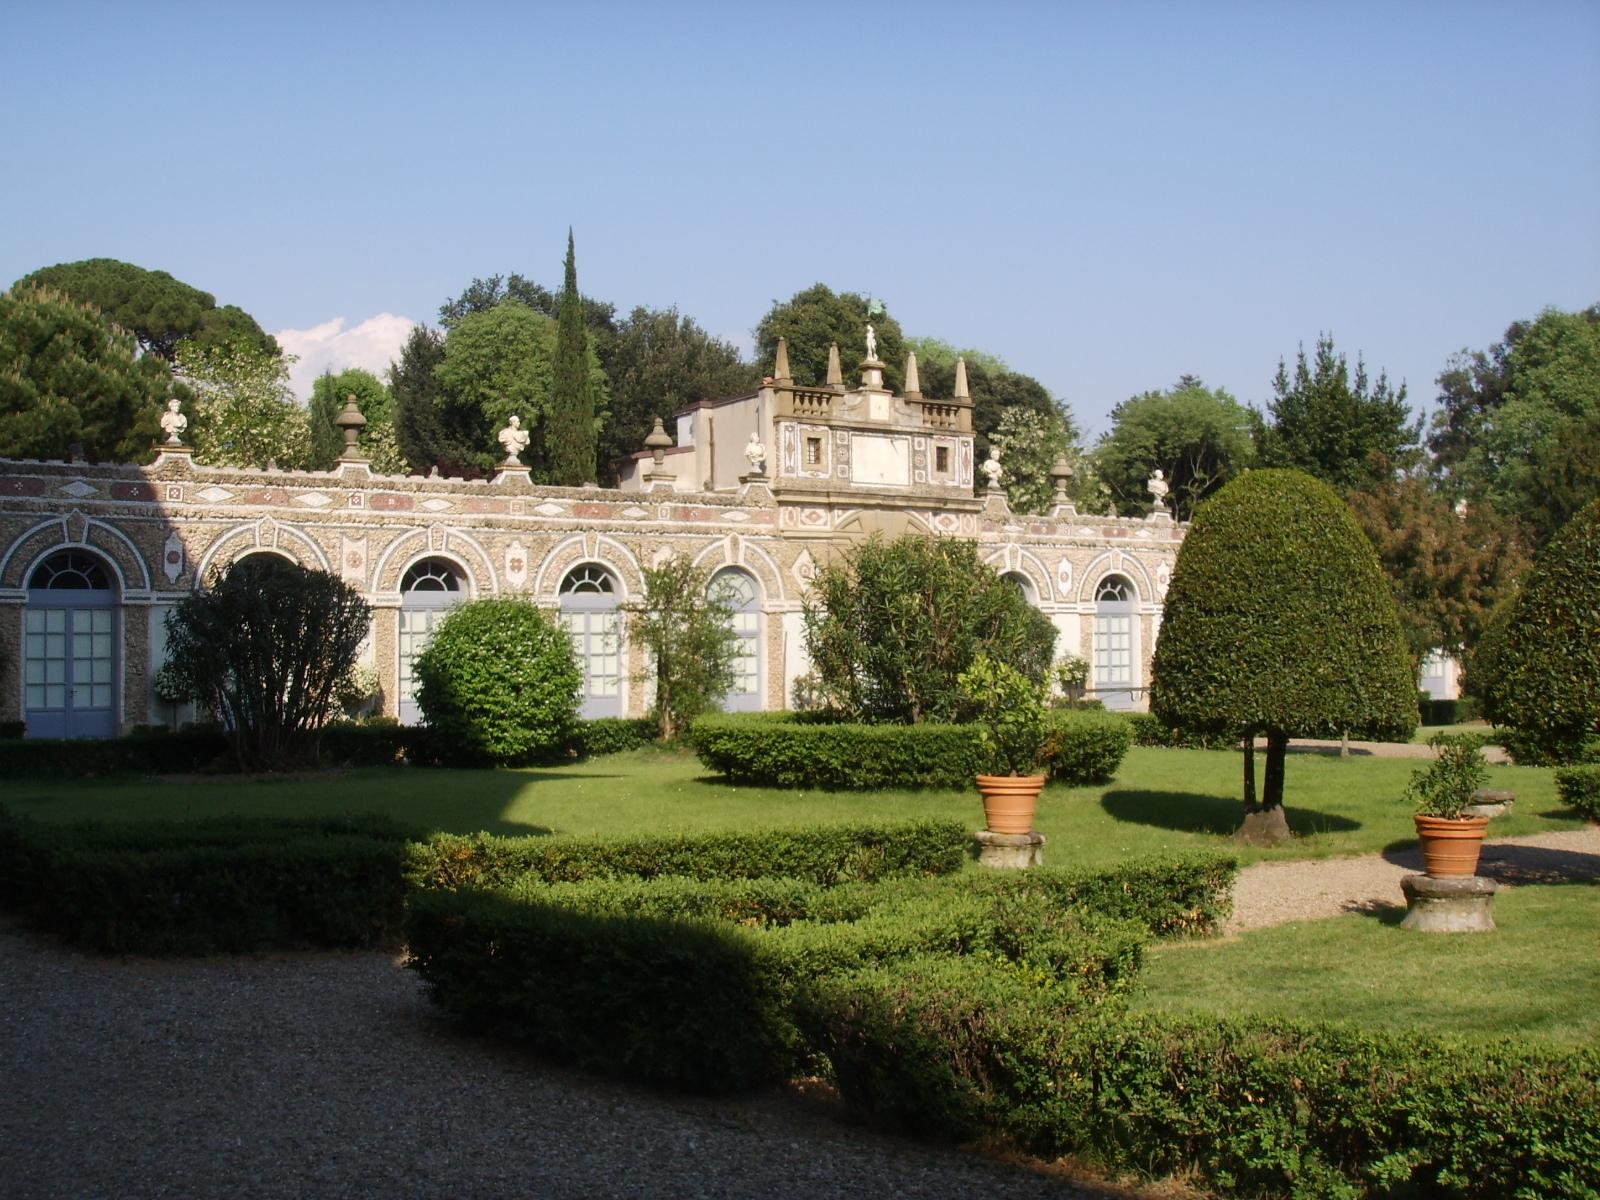 Giardino di palazzo capponi firenze tuscany ville e giardini d 39 italia pinterest palazzo - I giardini di palazzo rucellai a firenze ...